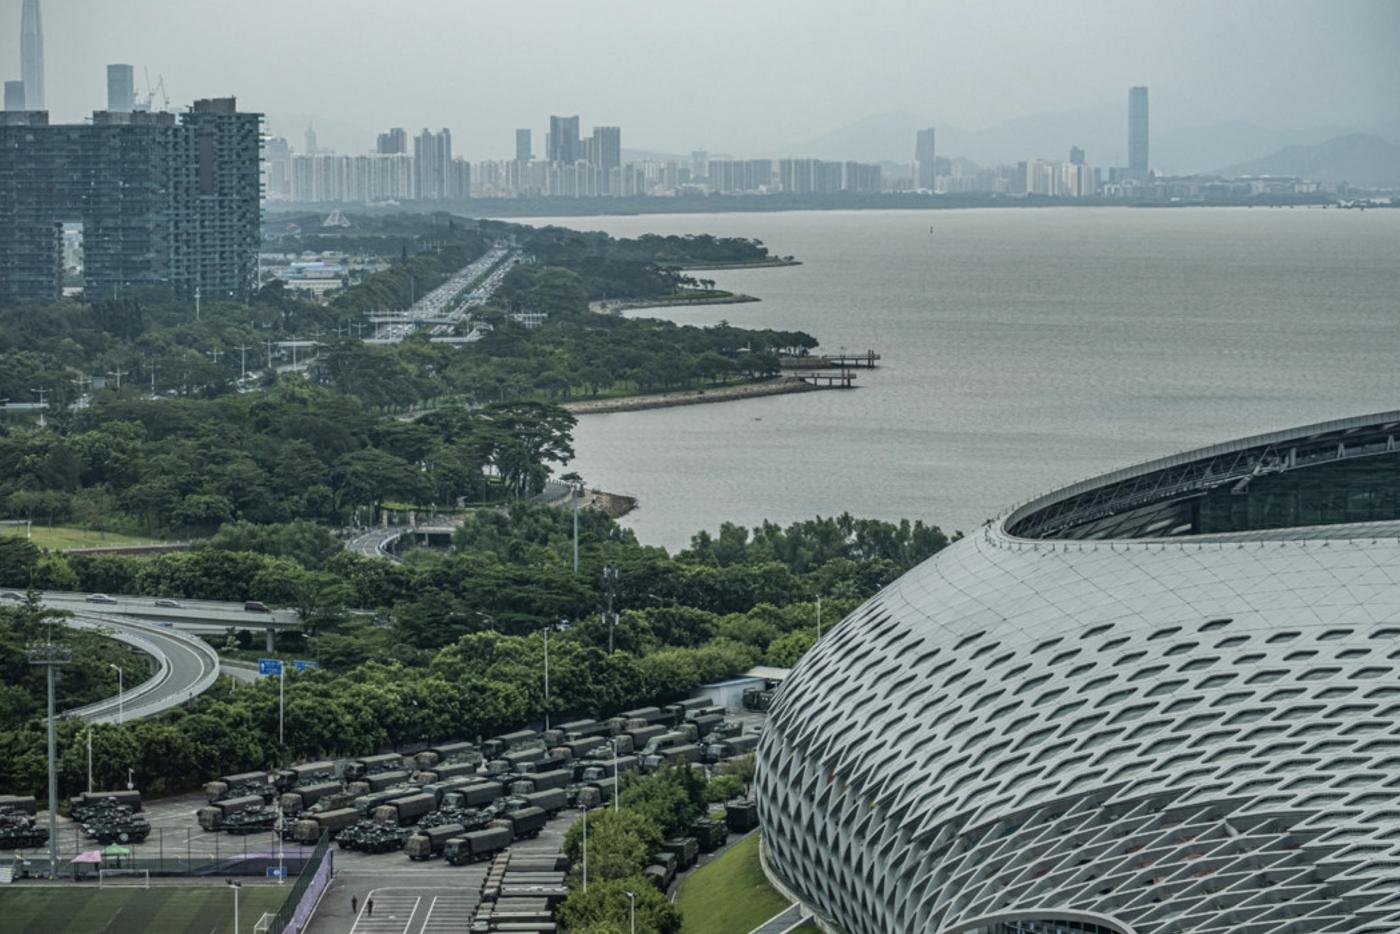 支持香港警察严惩不法暴徒平定乱局_图1-1